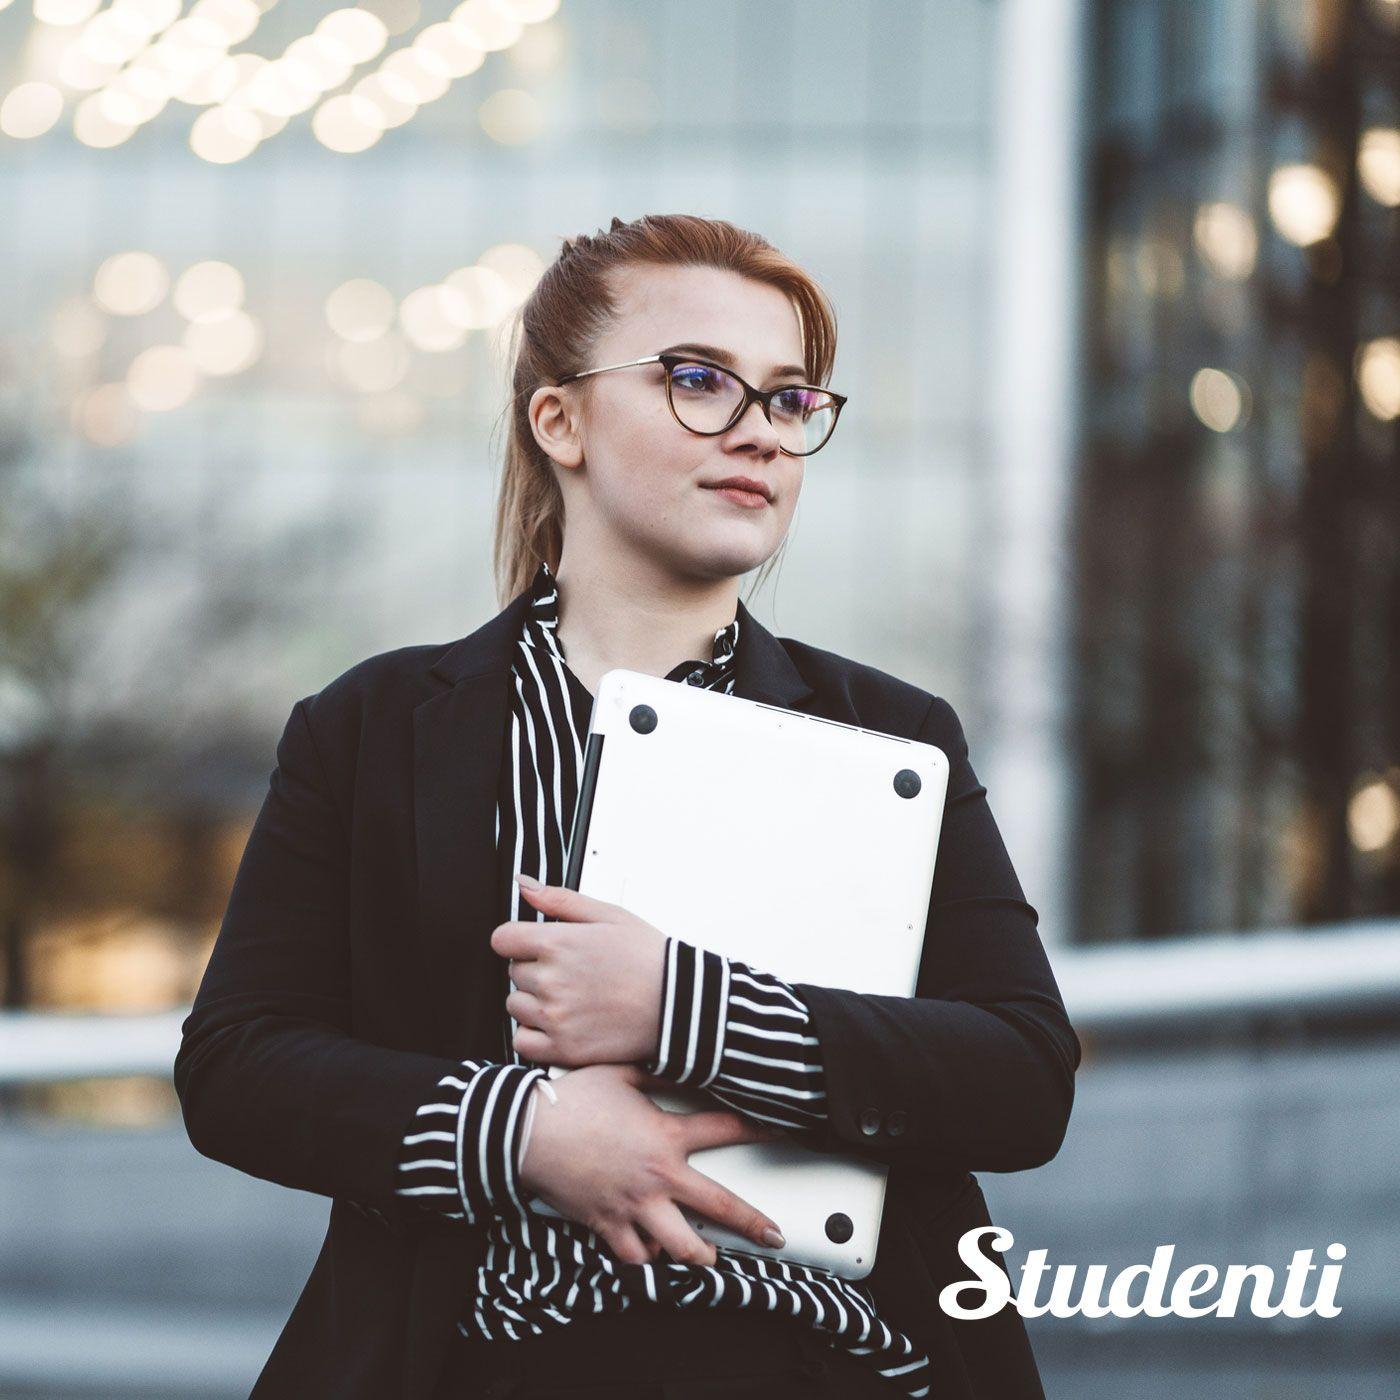 Orientamento - Professioni del futuro: comunicazione